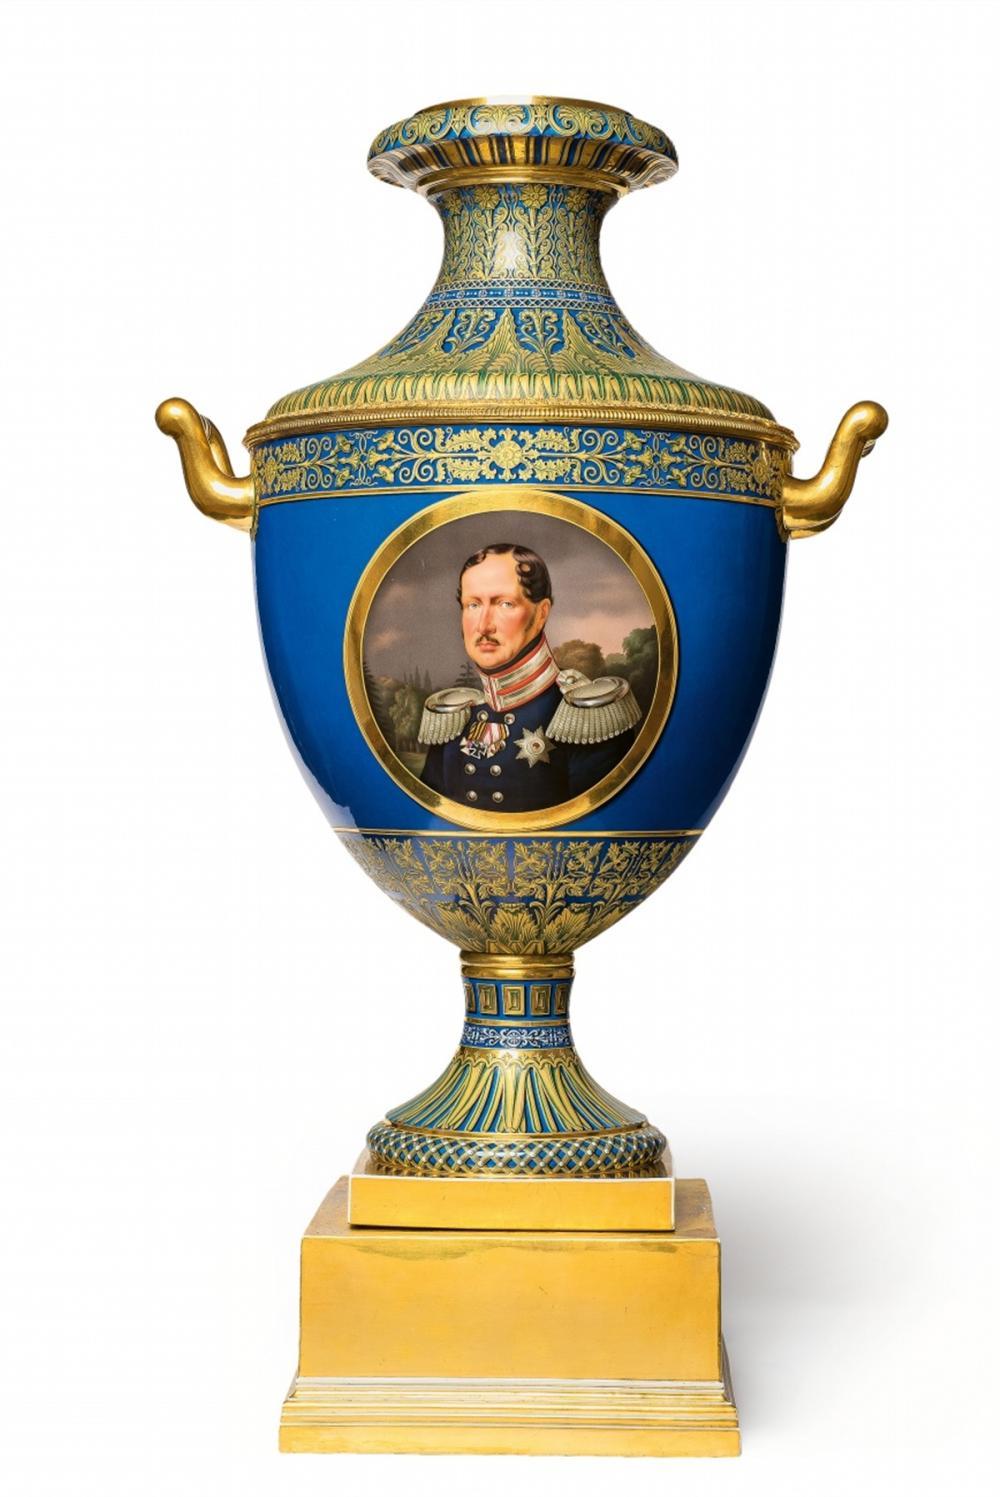 Vase pour le roi de Hanovre, KPM Berlin, 1842, image ©Lempertz